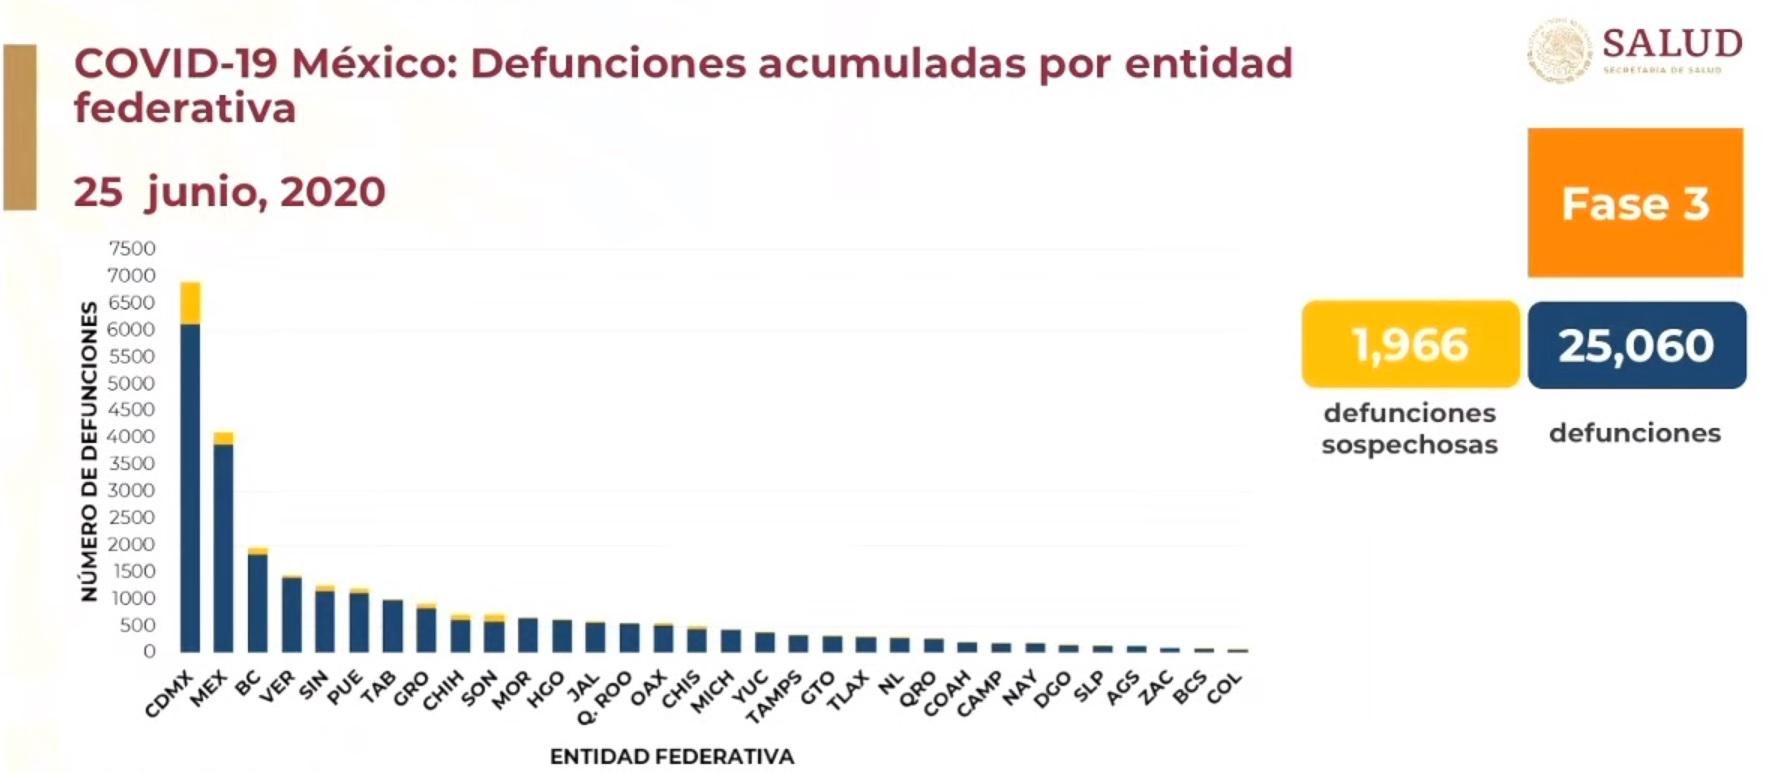 Defunciones por entidad federativa 25-06-2020